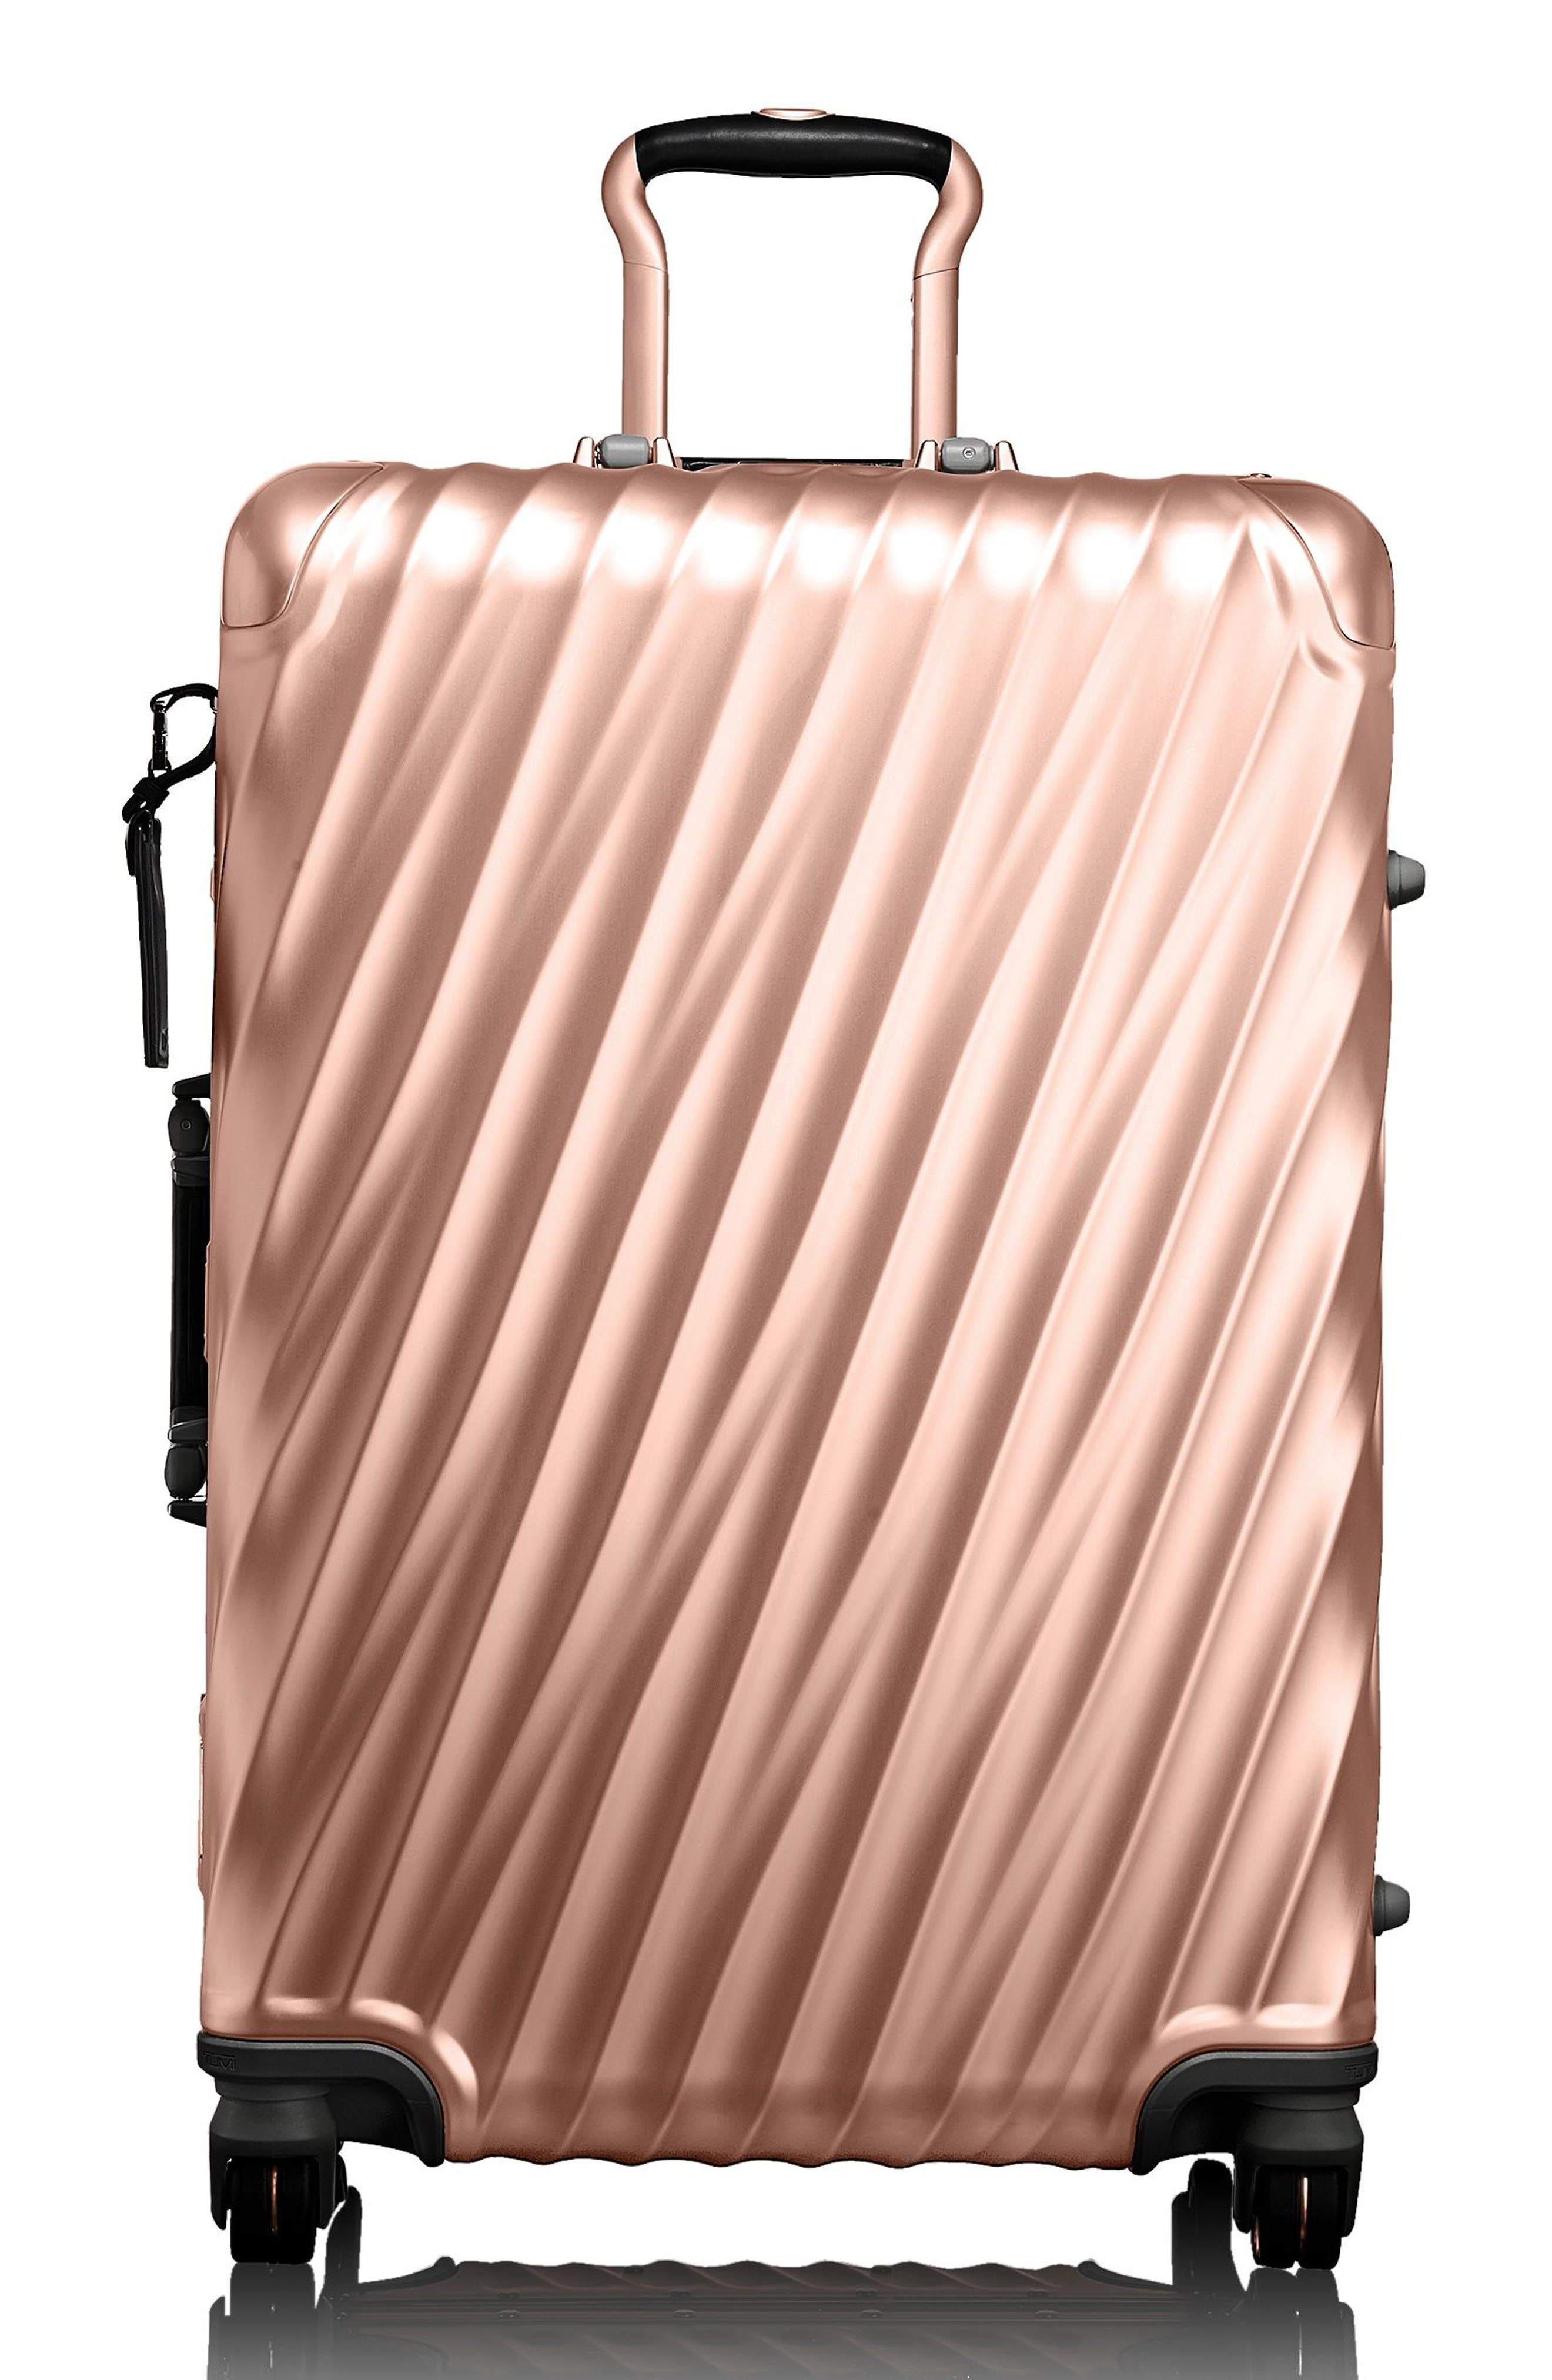 Alternate Image 1 Selected - Tumi Short Trip 19 Degree Aluminum Suitcase